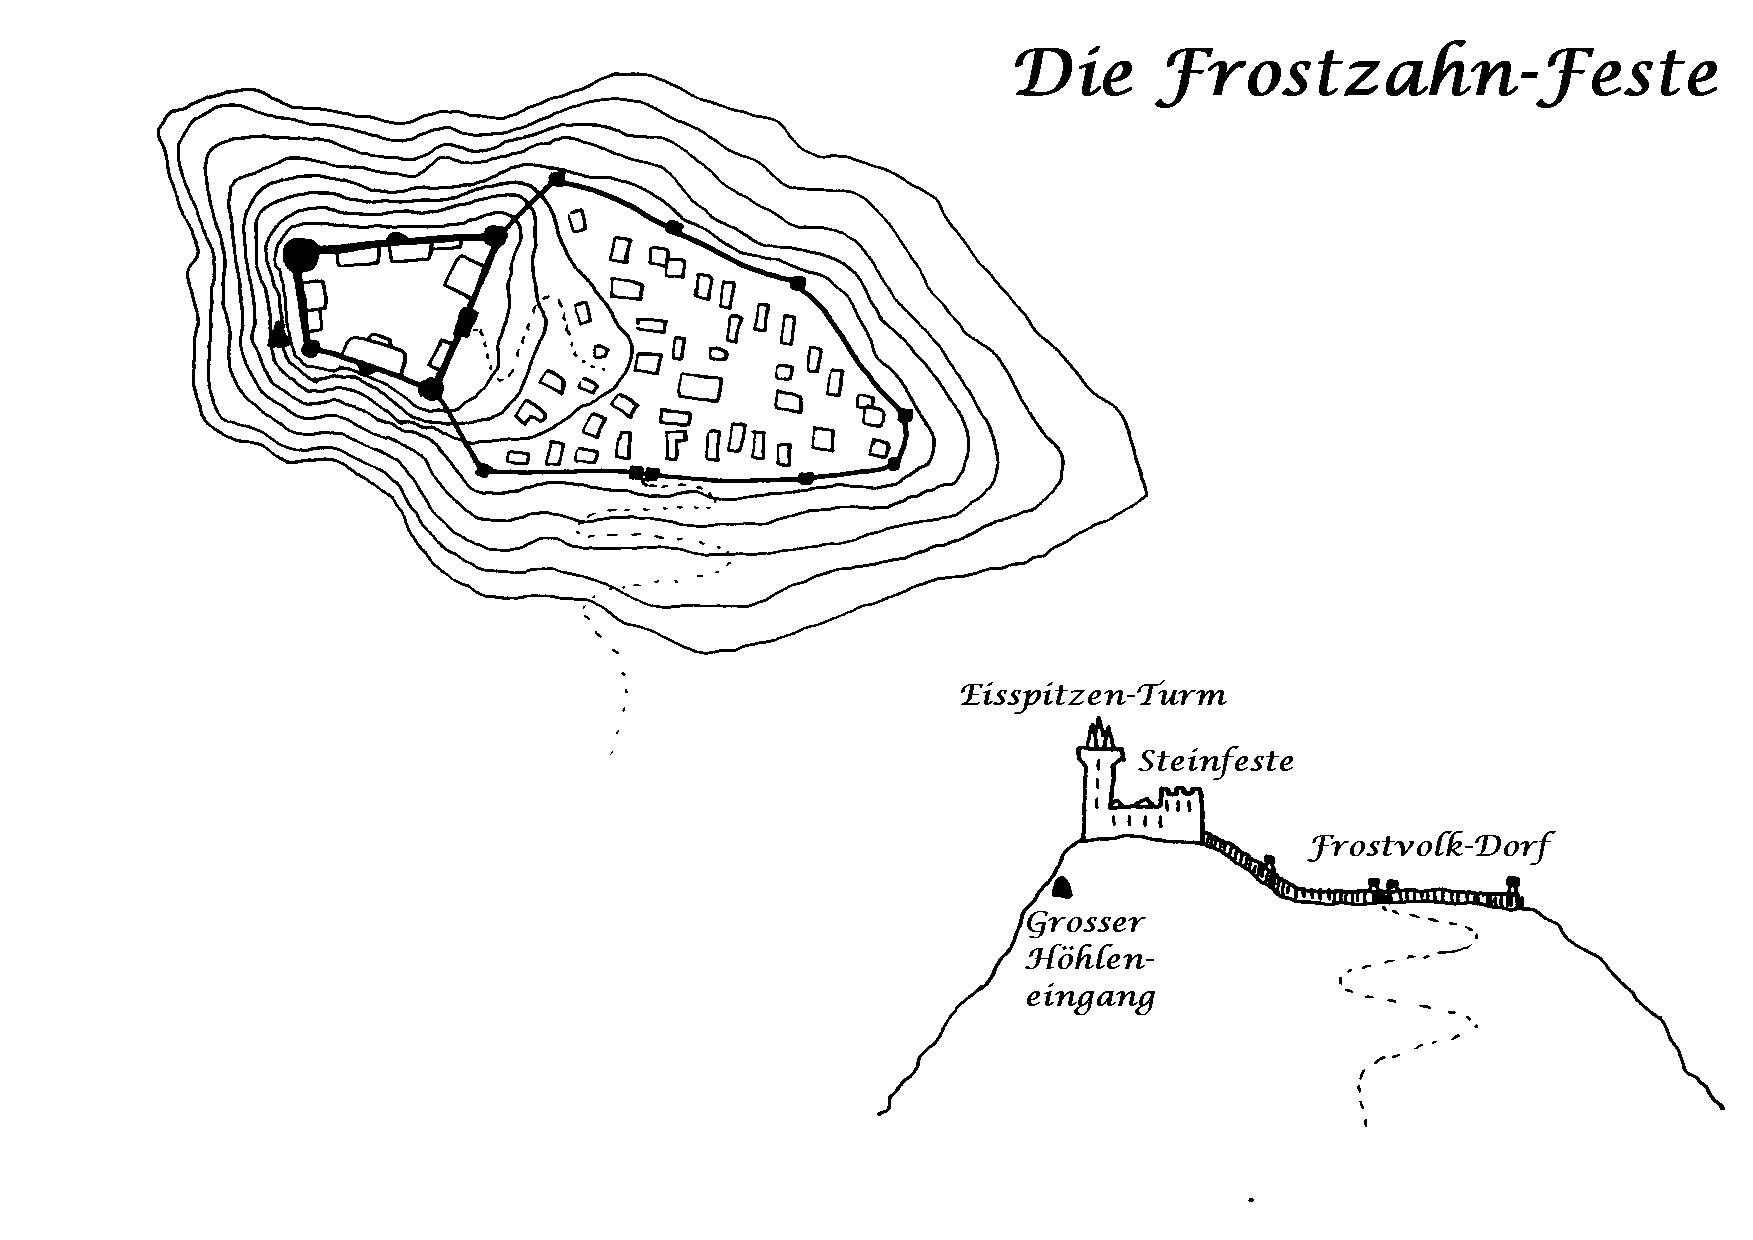 Plan der Frostzahn-Feste